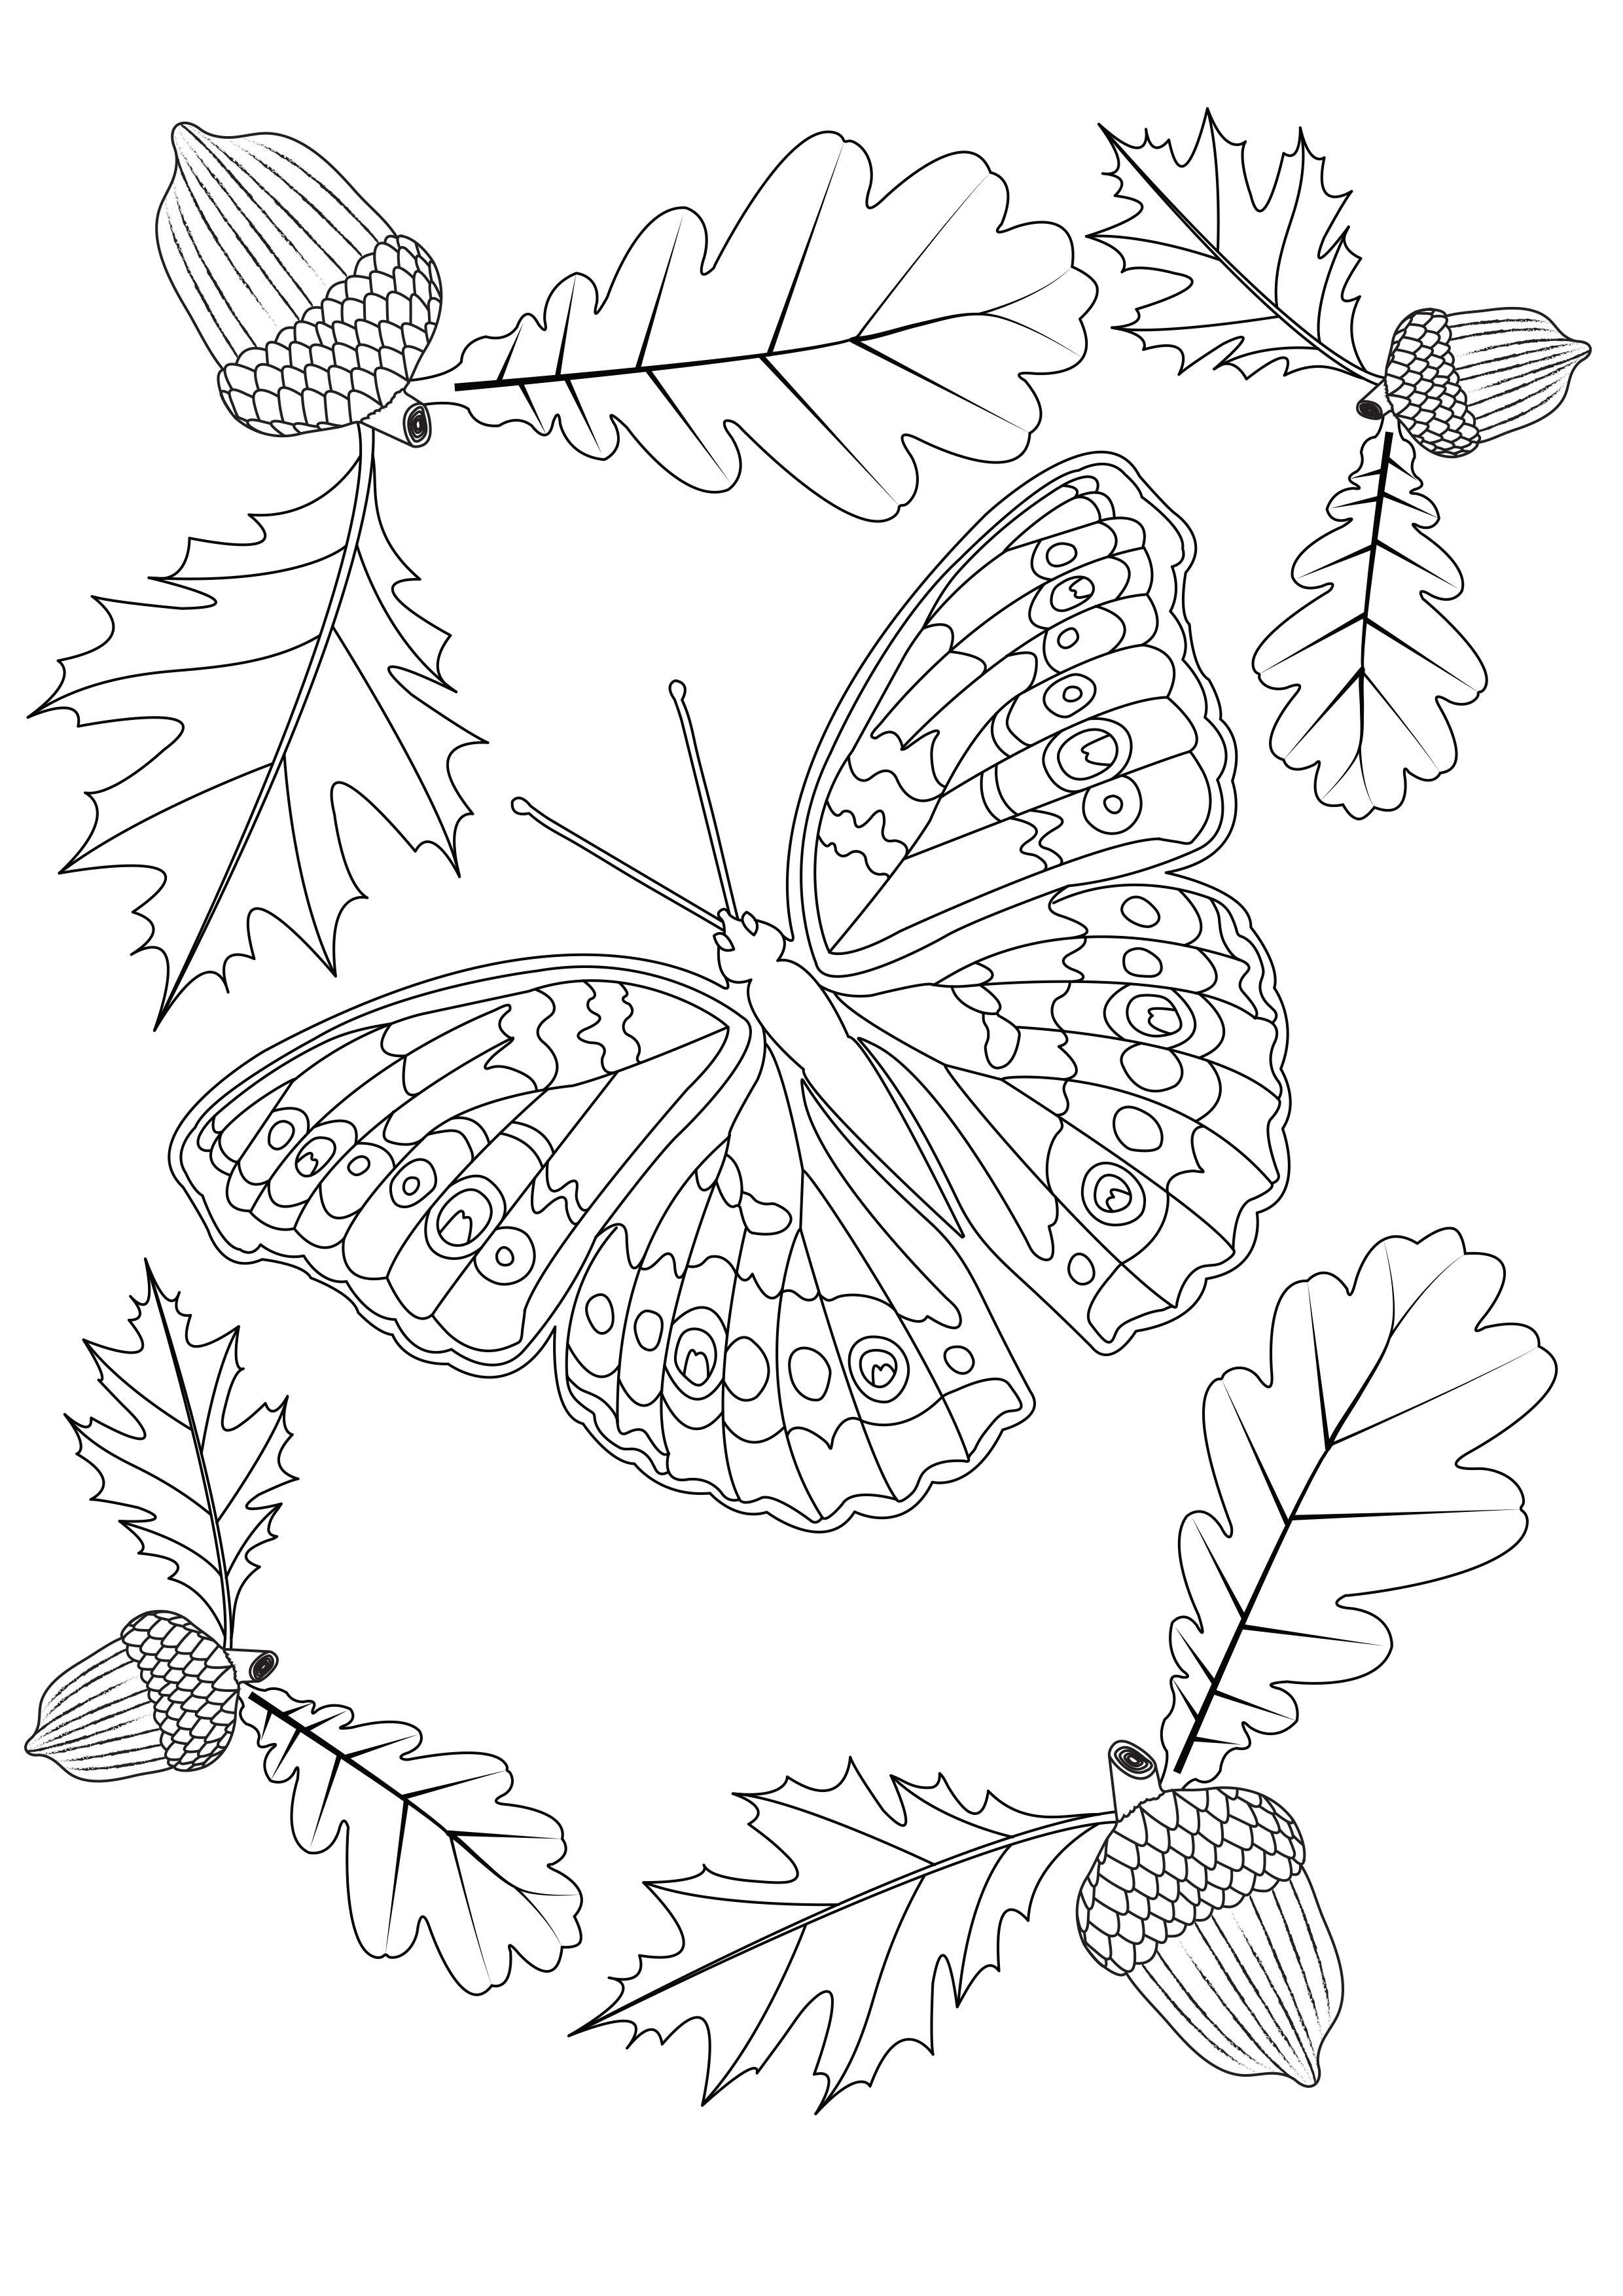 Colorear para adultos : Insectos - 2